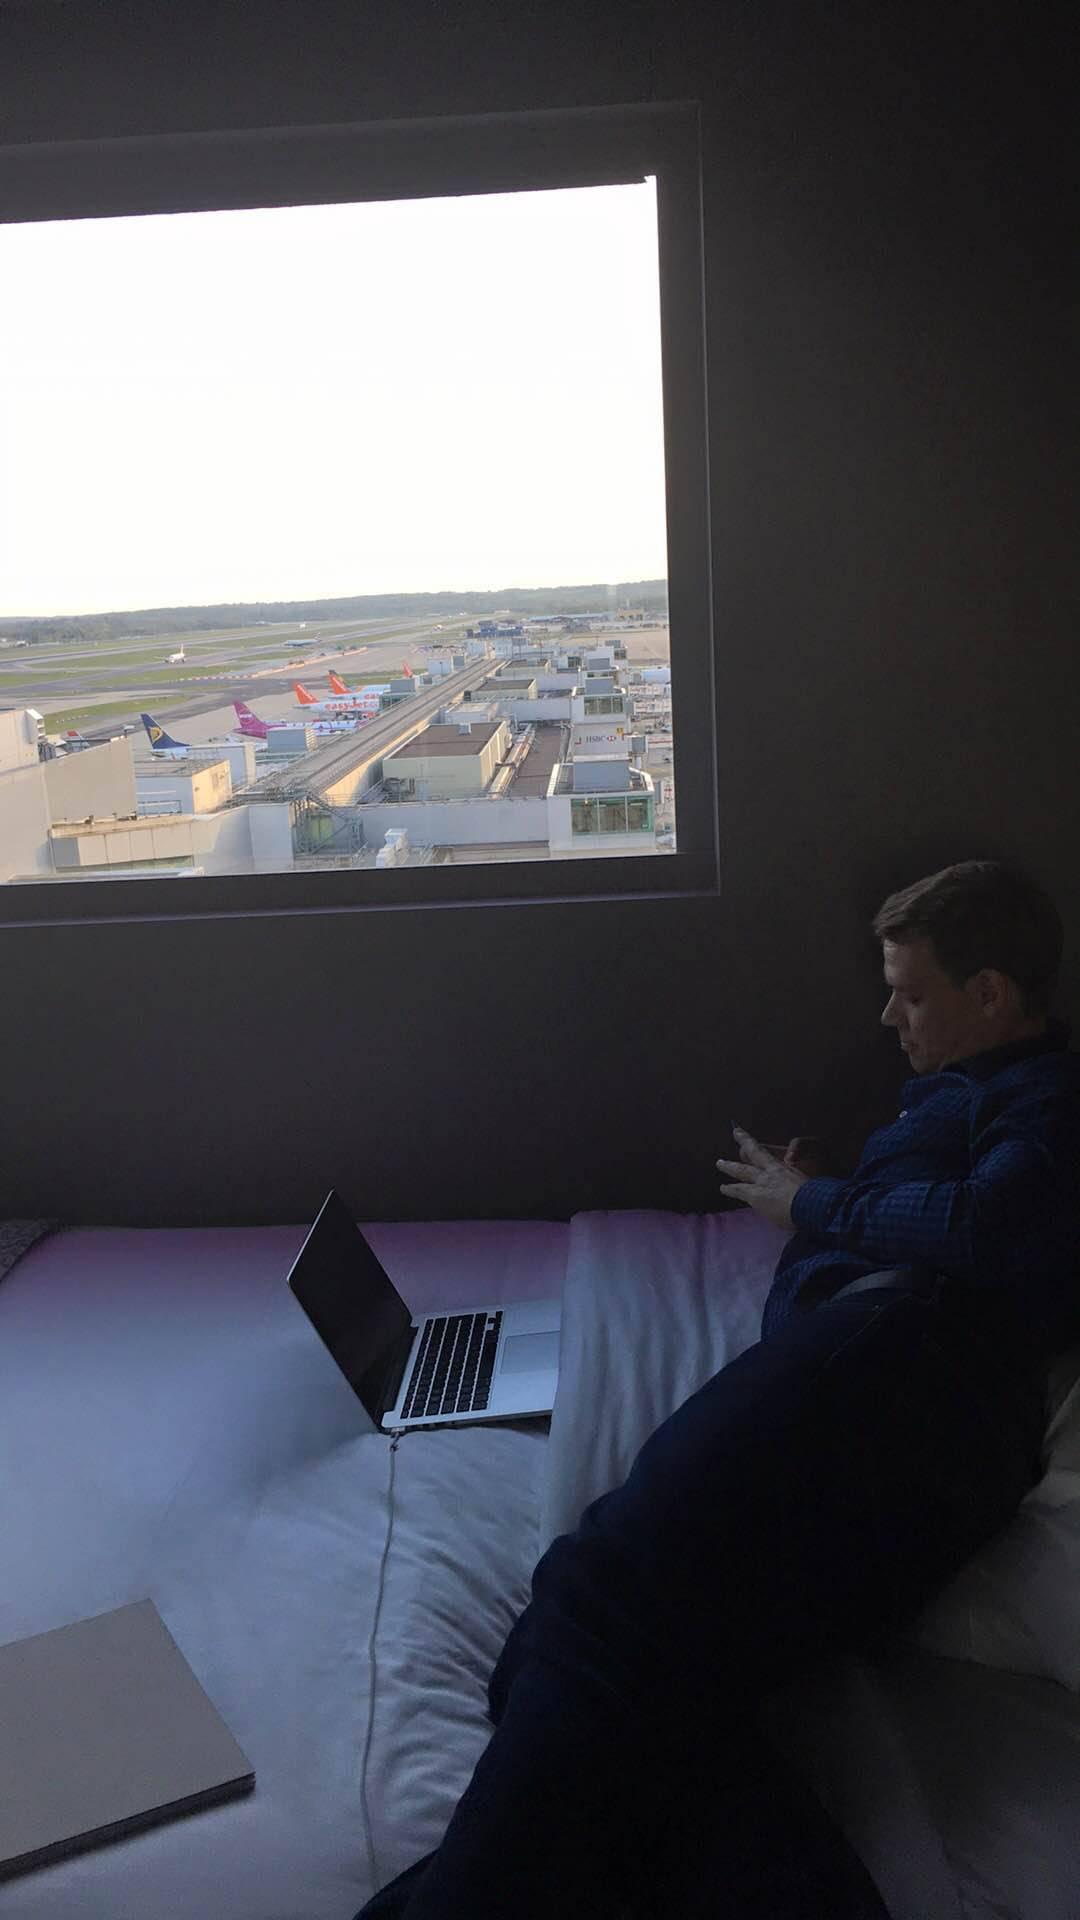 bloc-gatwick-airport-hotel-stefaniegrace-com